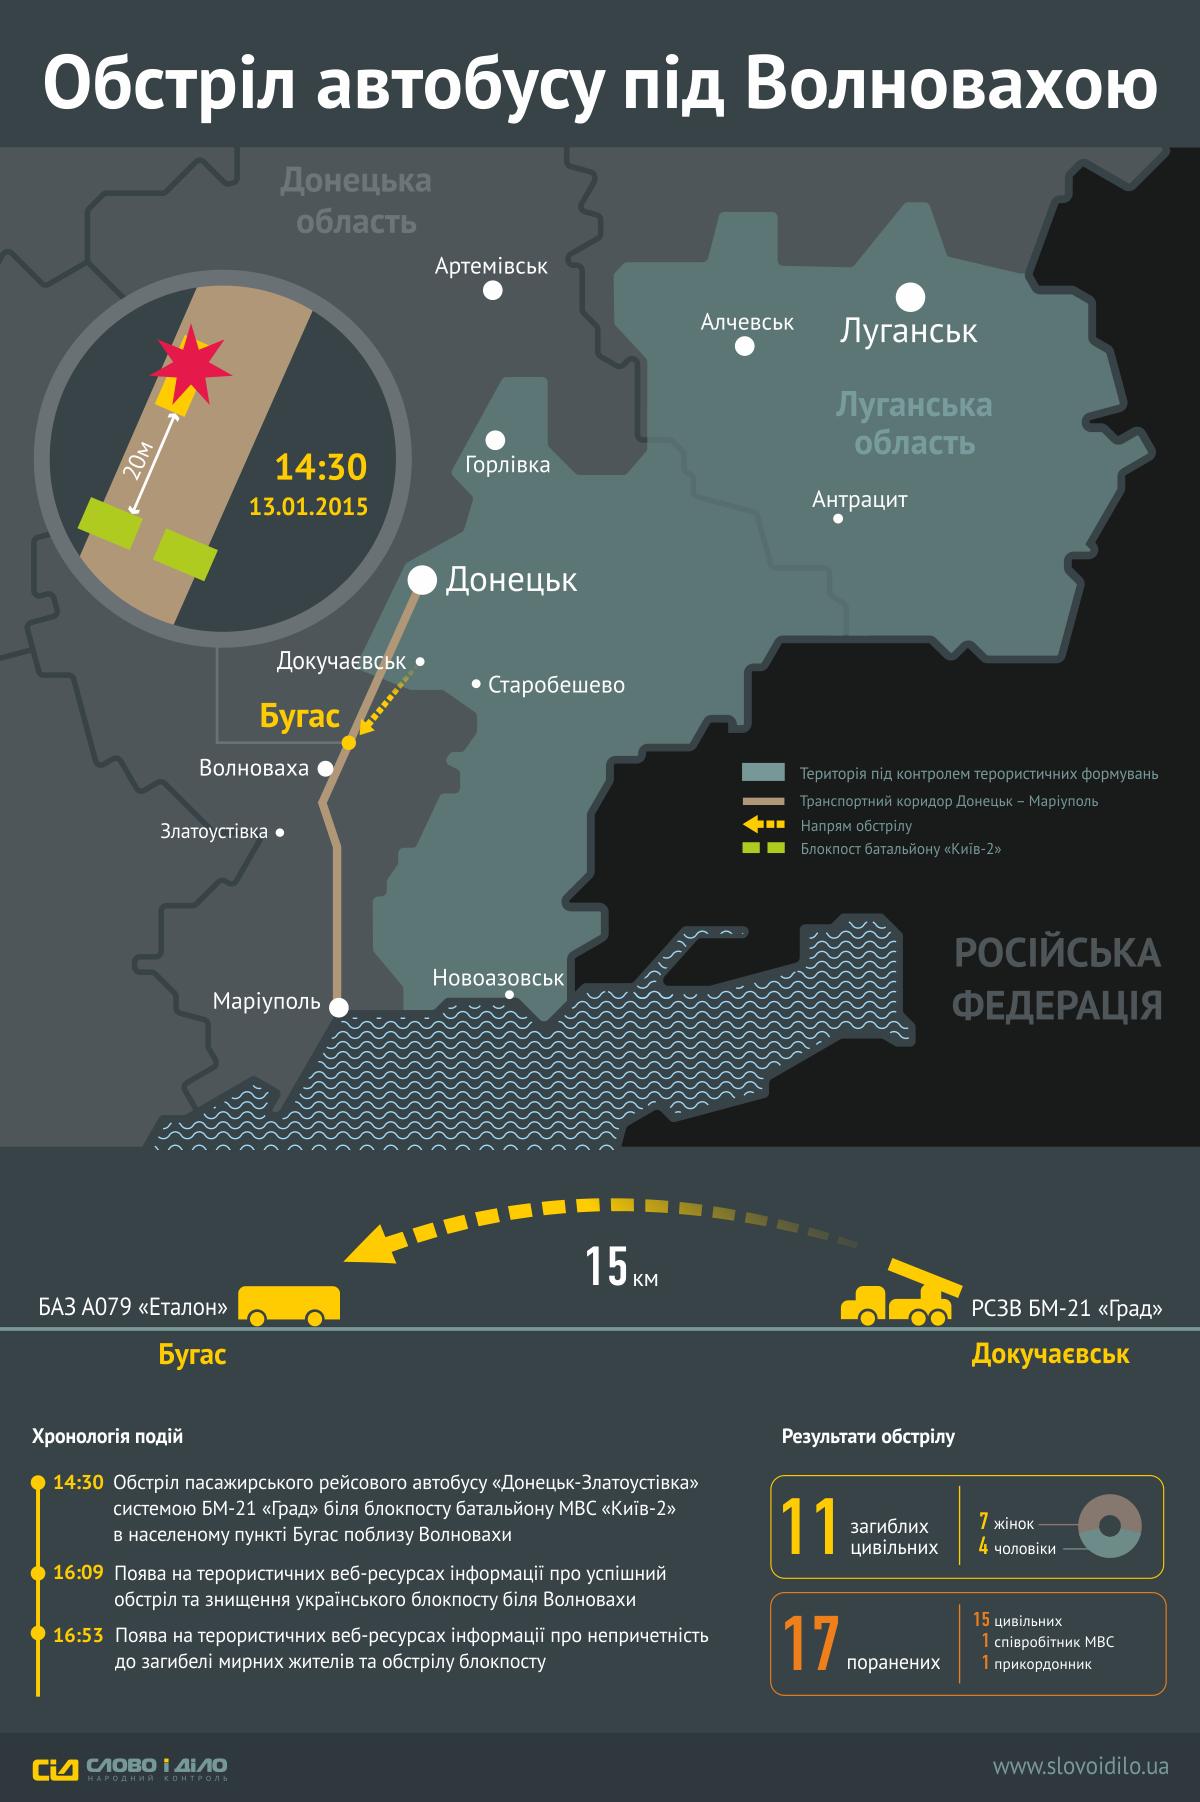 Инфографика по результатам расследования